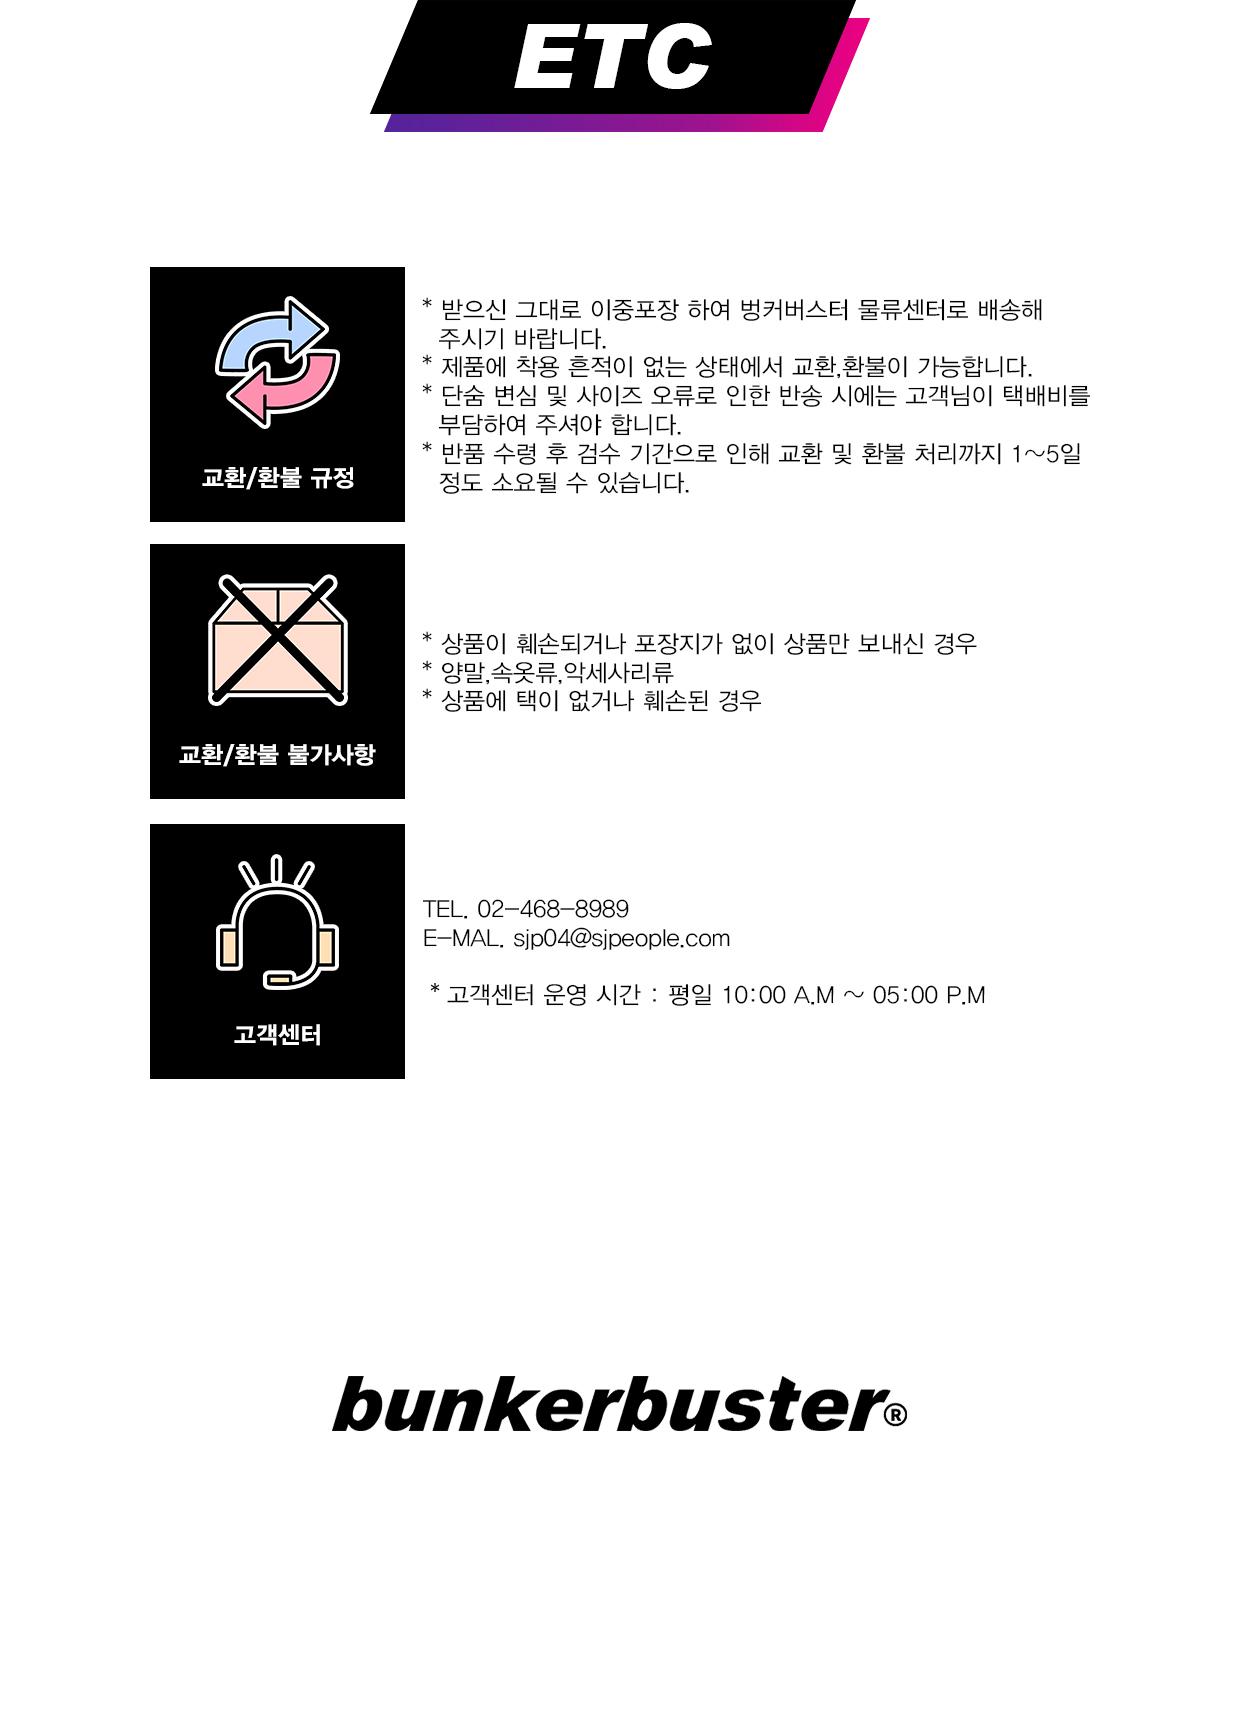 벙커버스터(BUNKERBUSTER) 리버시블 아이코닉 벙커 점퍼 009 YELLOW (ML1JU009-012)